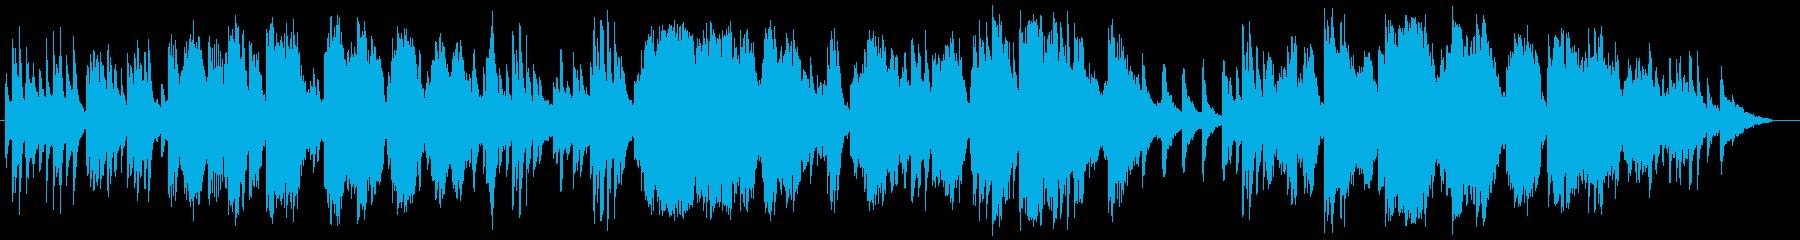 美しく爽やかな管弦楽器ピアノサウンドの再生済みの波形